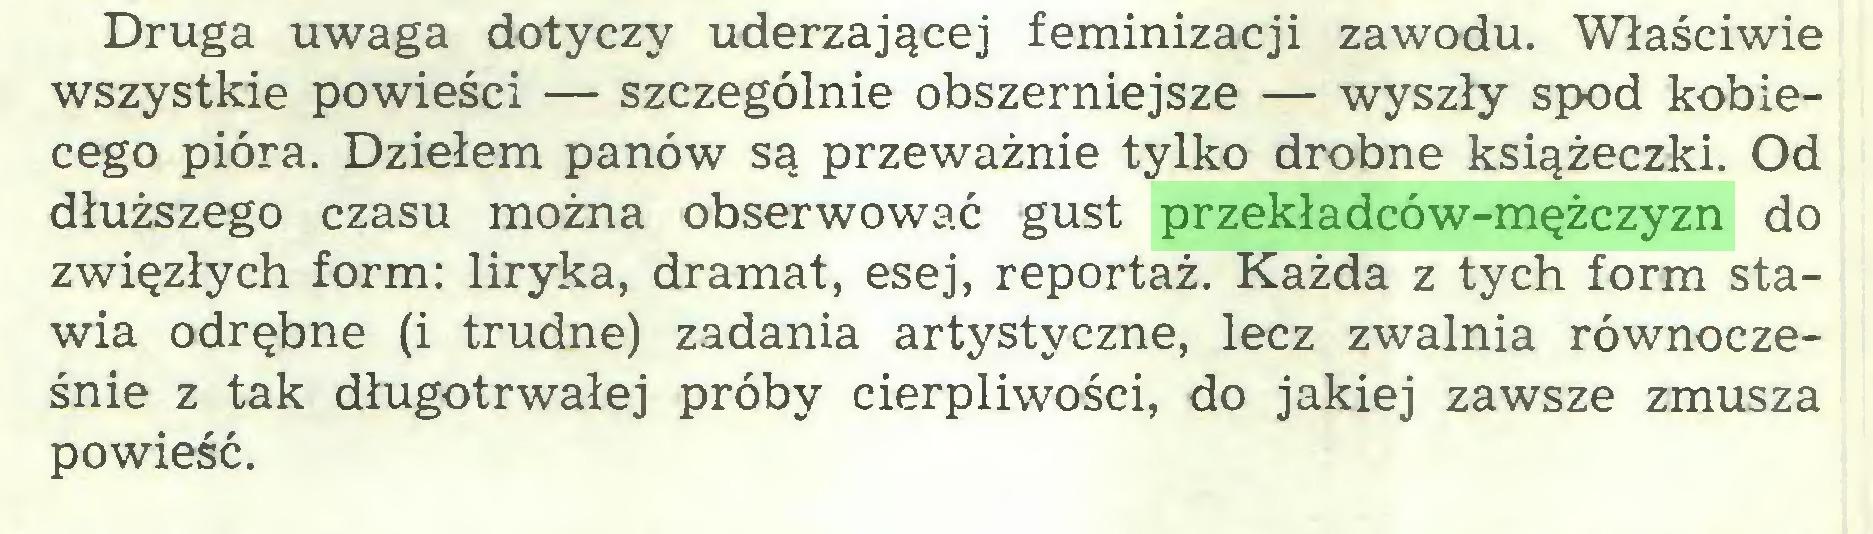 (...) Druga uwaga dotyczy uderzającej feminizacji zawodu. Właściwie wszystkie powieści — szczególnie obszerniejsze — wyszły spod kobiecego pióra. Dziełem panów są przeważnie tylko drobne książeczki. Od dłuższego czasu można obserwować gust przekładców-mężczyzn do zwięzłych form: liryka, dramat, esej, reportaż. Każda z tych form stawia odrębne (i trudne) zadania artystyczne, lecz zwalnia równocześnie z tak długotrwałej próby cierpliwości, do jakiej zawsze zmusza powieść...